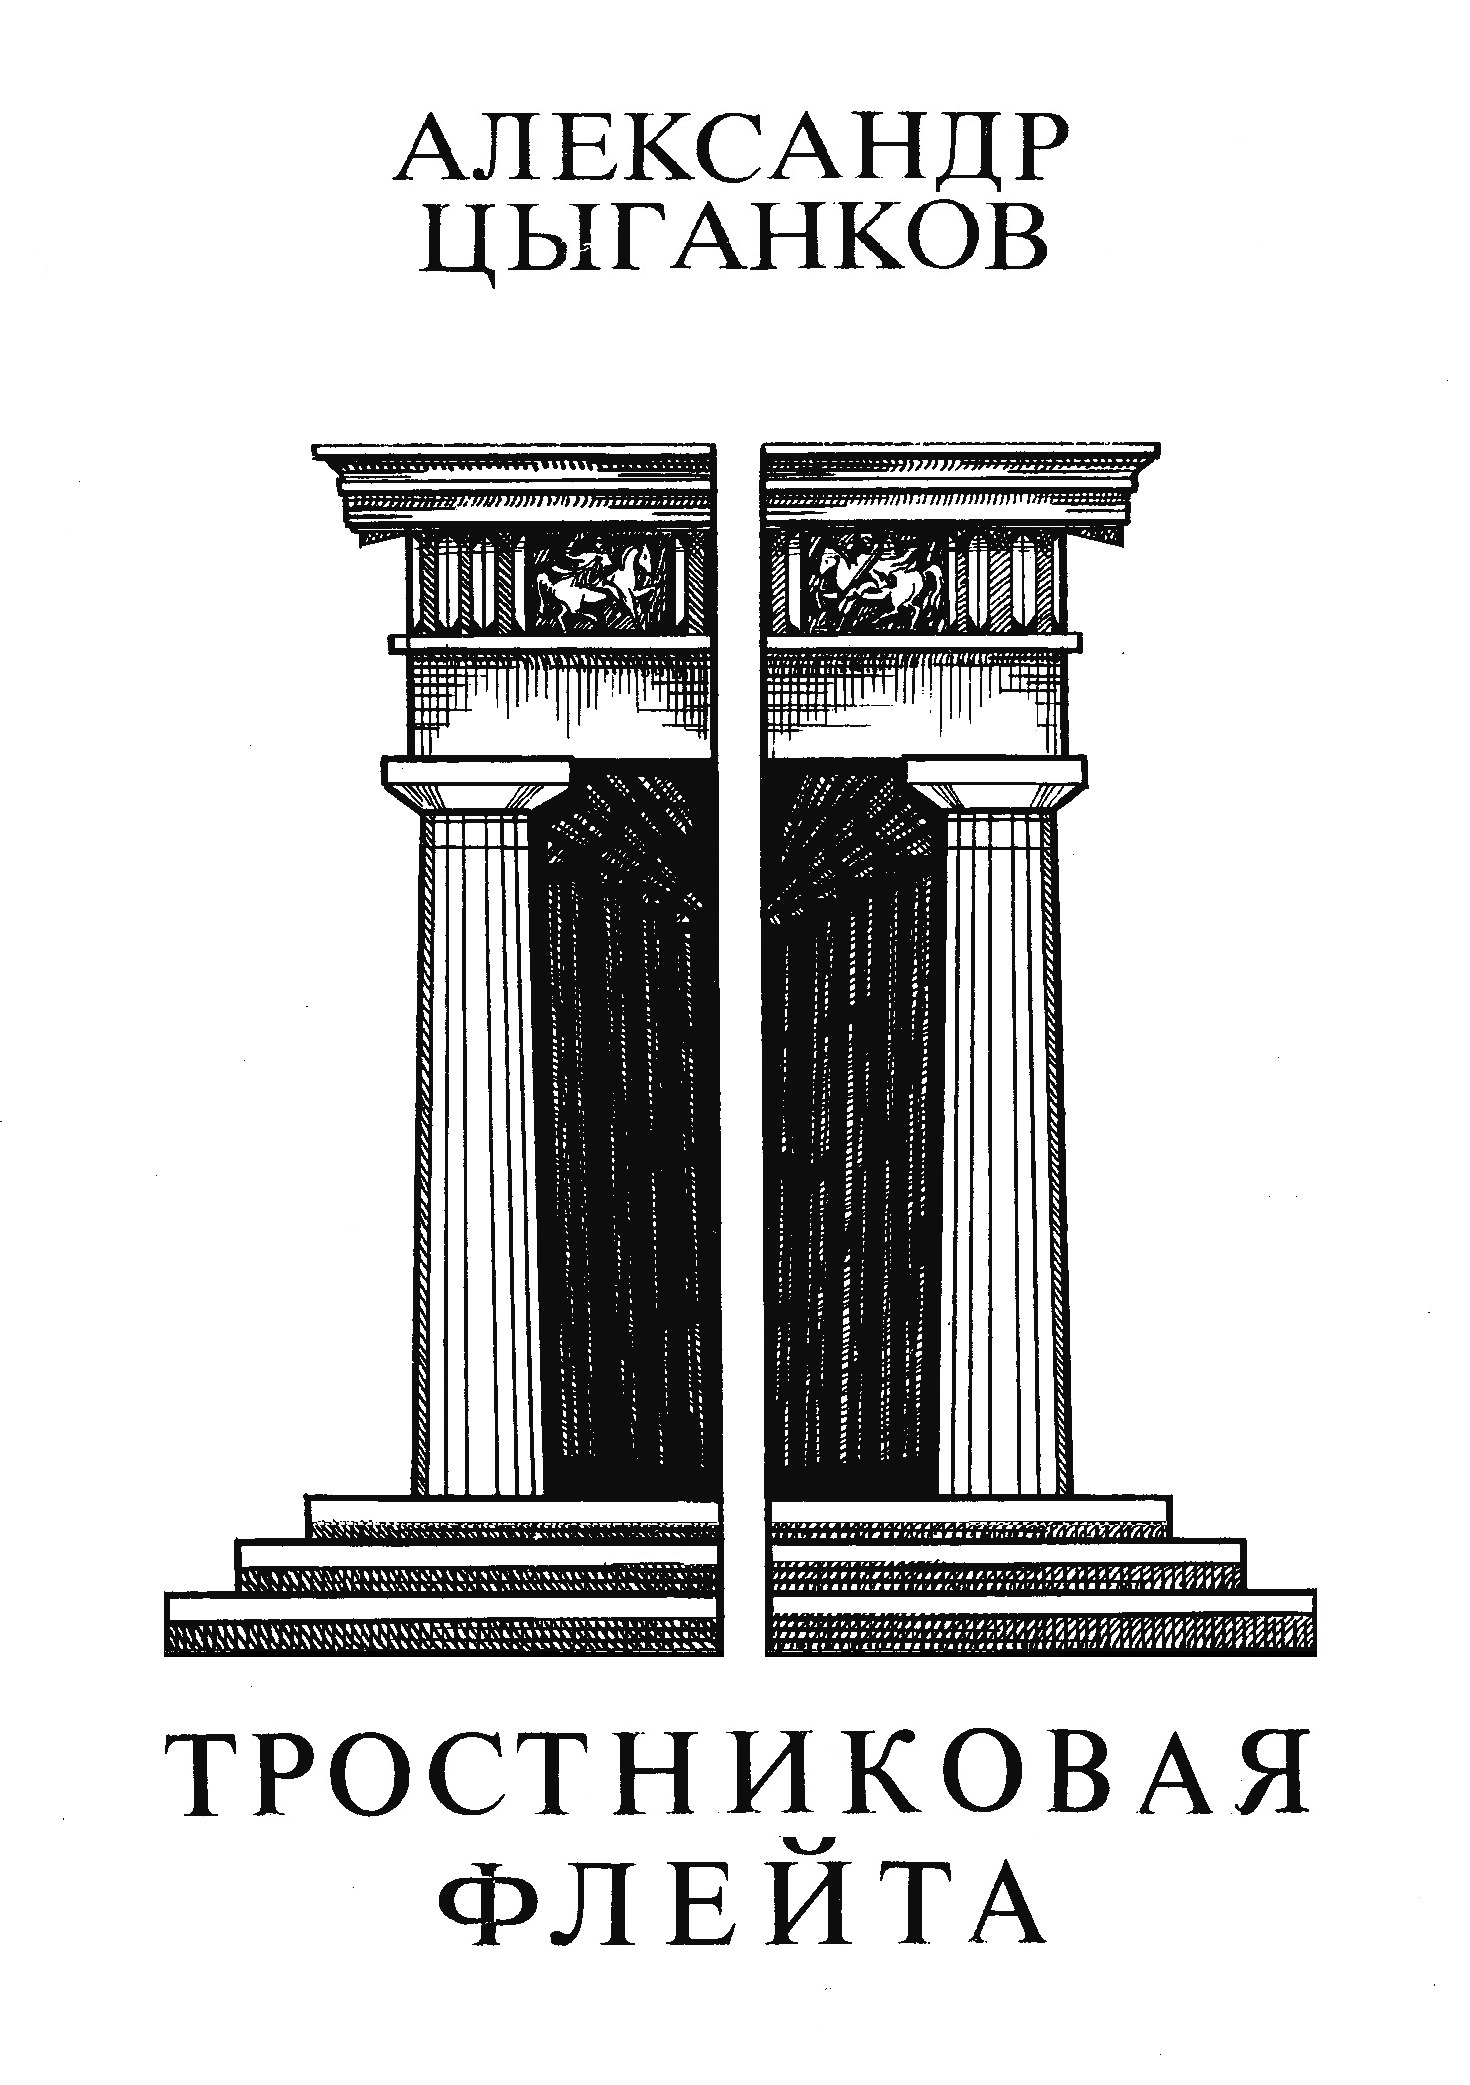 Александр Цыганков Тростниковая флейта: Первая книга стихов ива афонская тишина первая книга стихов